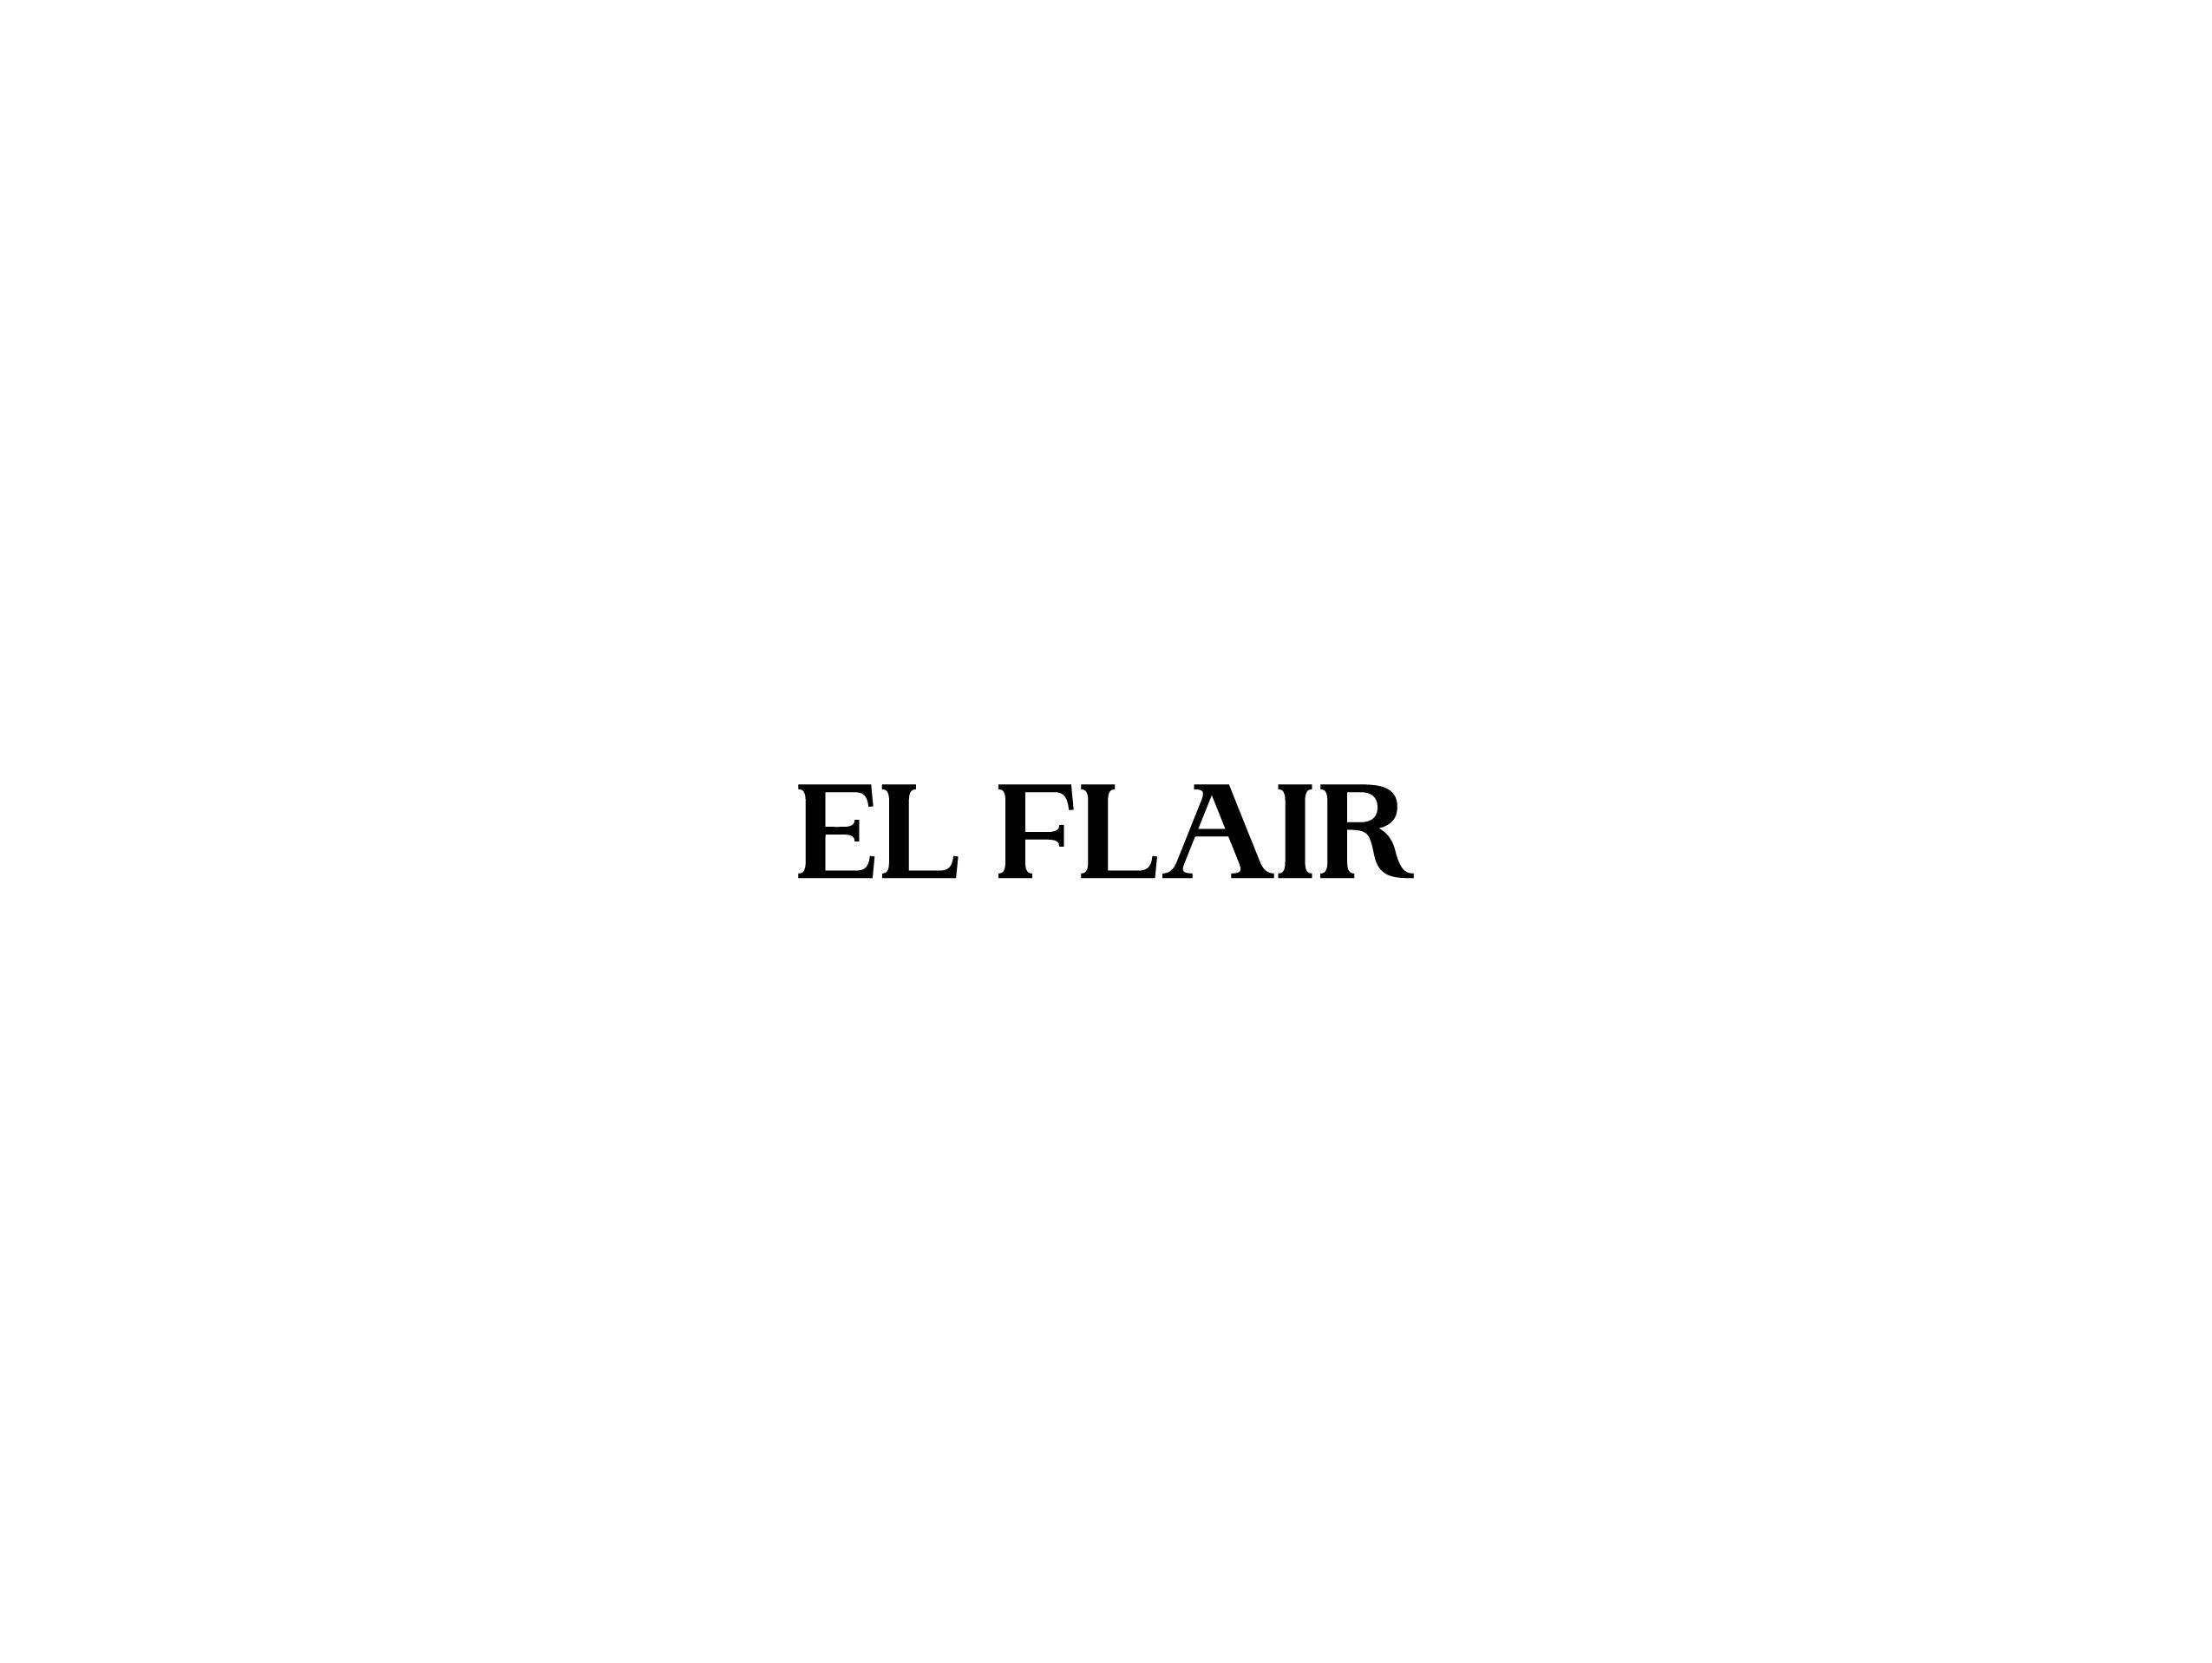 EL FLAIR WOMENS FASHION